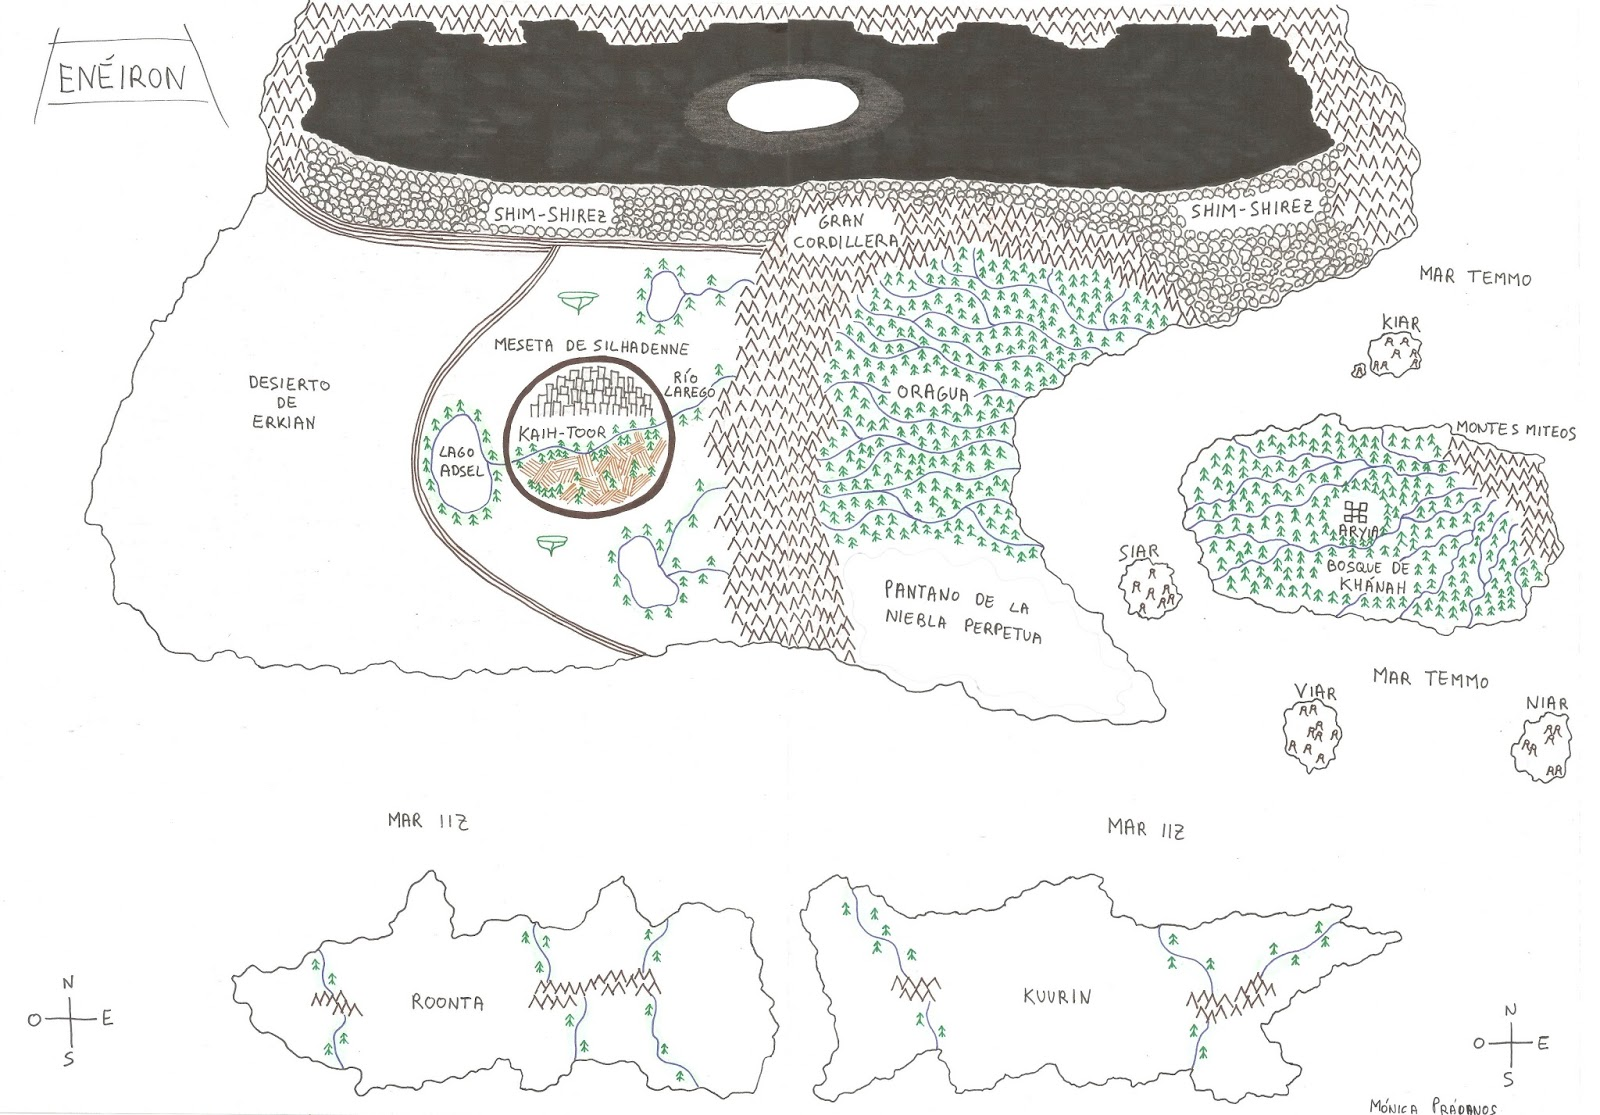 ... de Lianne en El secreto de la Guardiana. Pincha en el mapa para  agrandar y descargar (está hecho a mano por una servidora, así que no es  perfecto 😉).